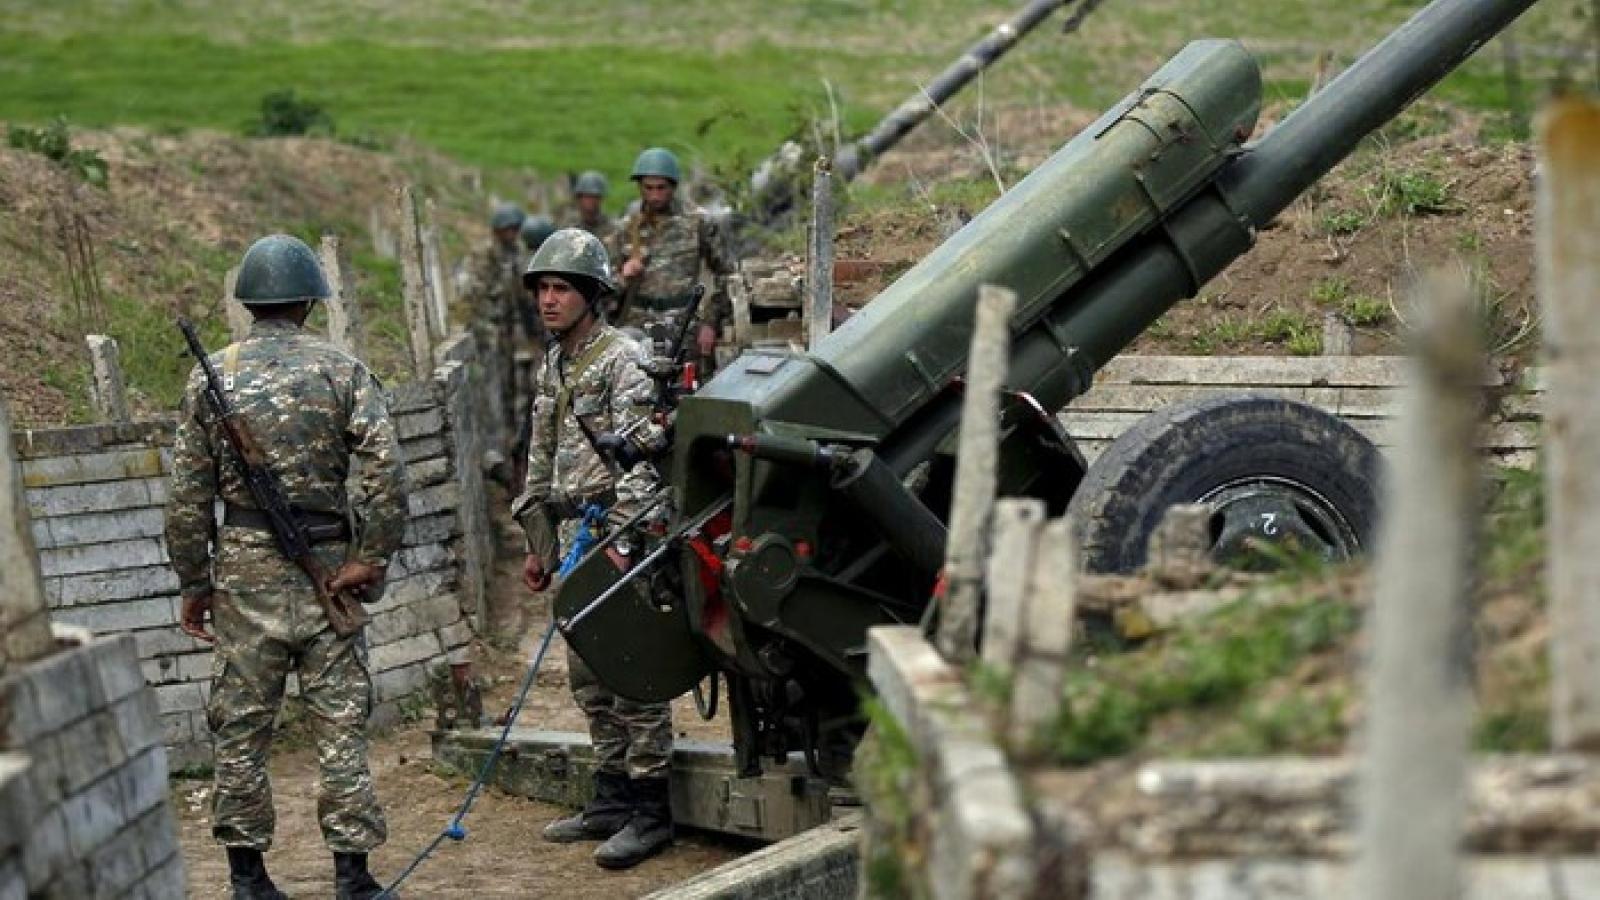 Xung đột biên giới giữa Armenia và Azerbaijan, ít nhất 23 người thiệt mạng